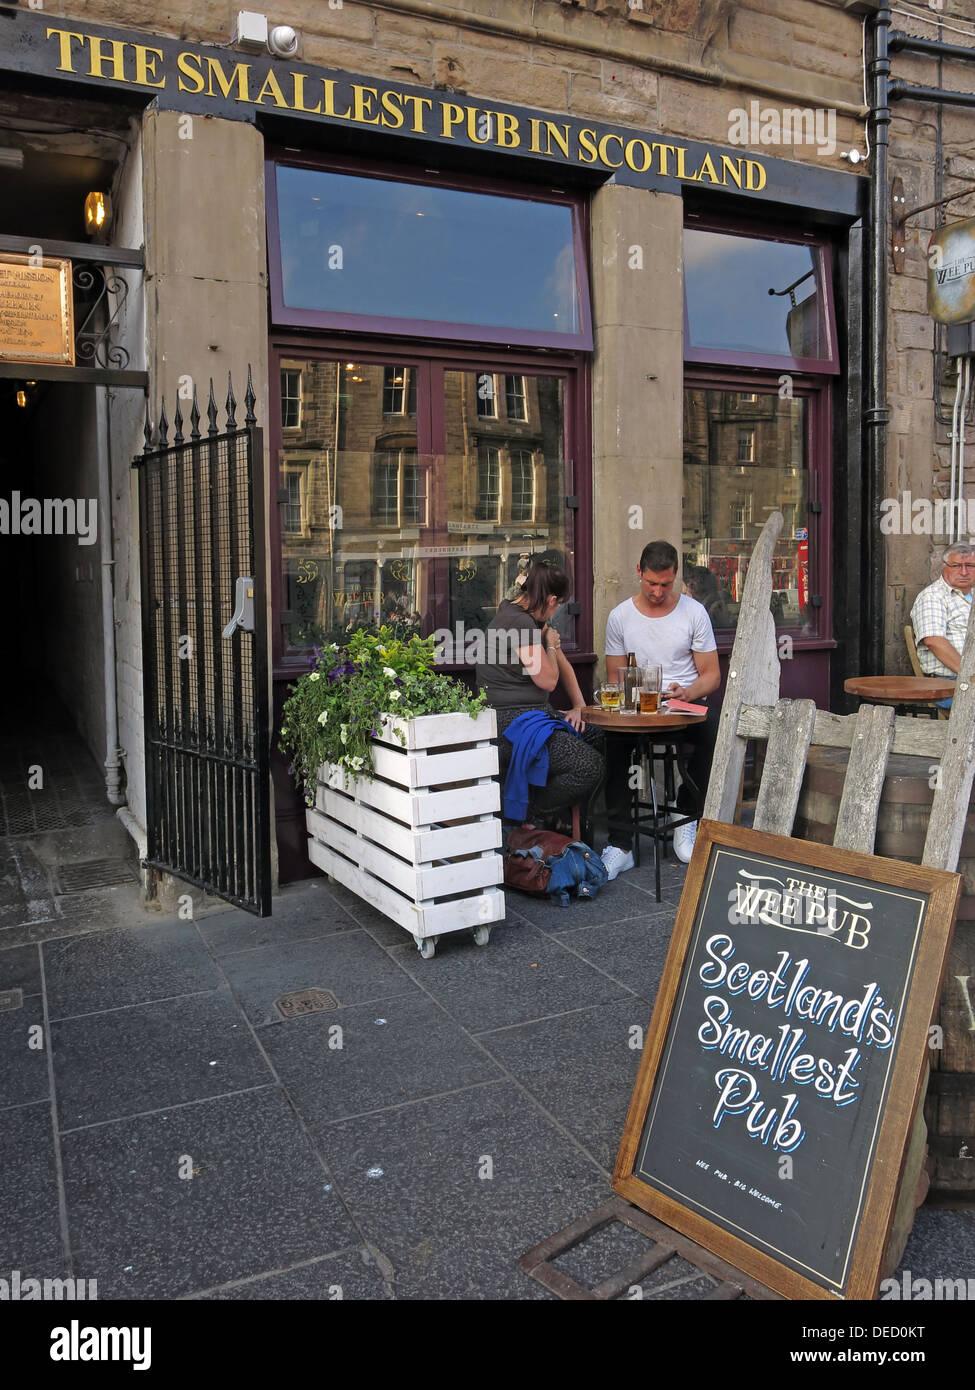 Laden Sie dieses Alamy Stockfoto Die kleinste Kneipe im Grassmarket, Edinburgh, Schottland, Schottland - DED0KT